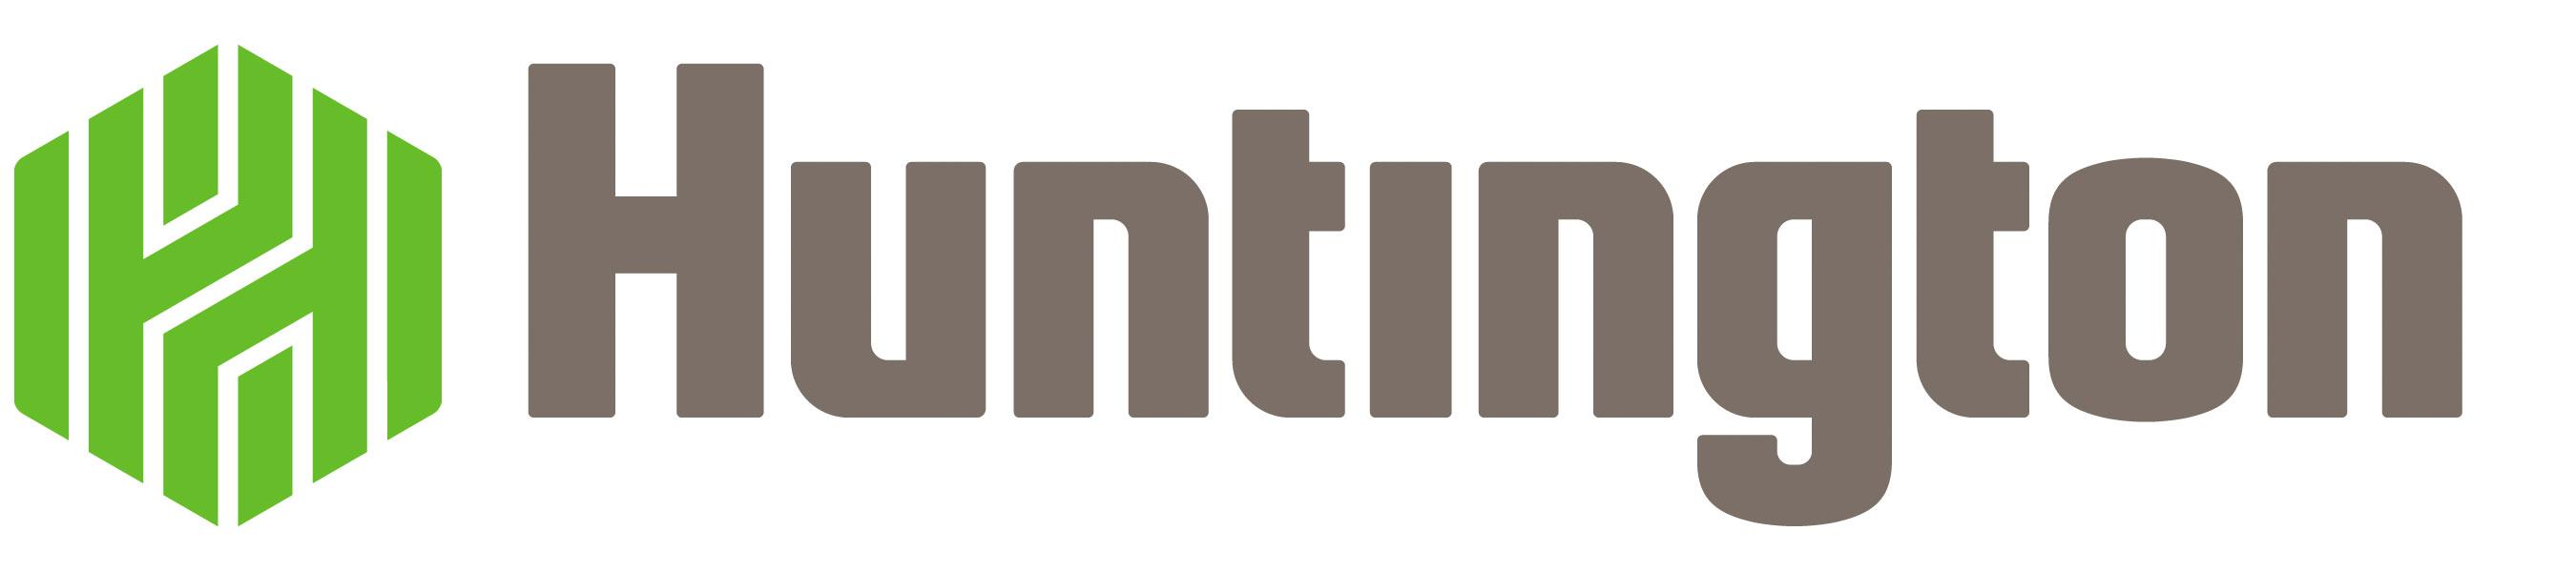 Huntington bank routing number lansing mi - Huntington Bank Logo